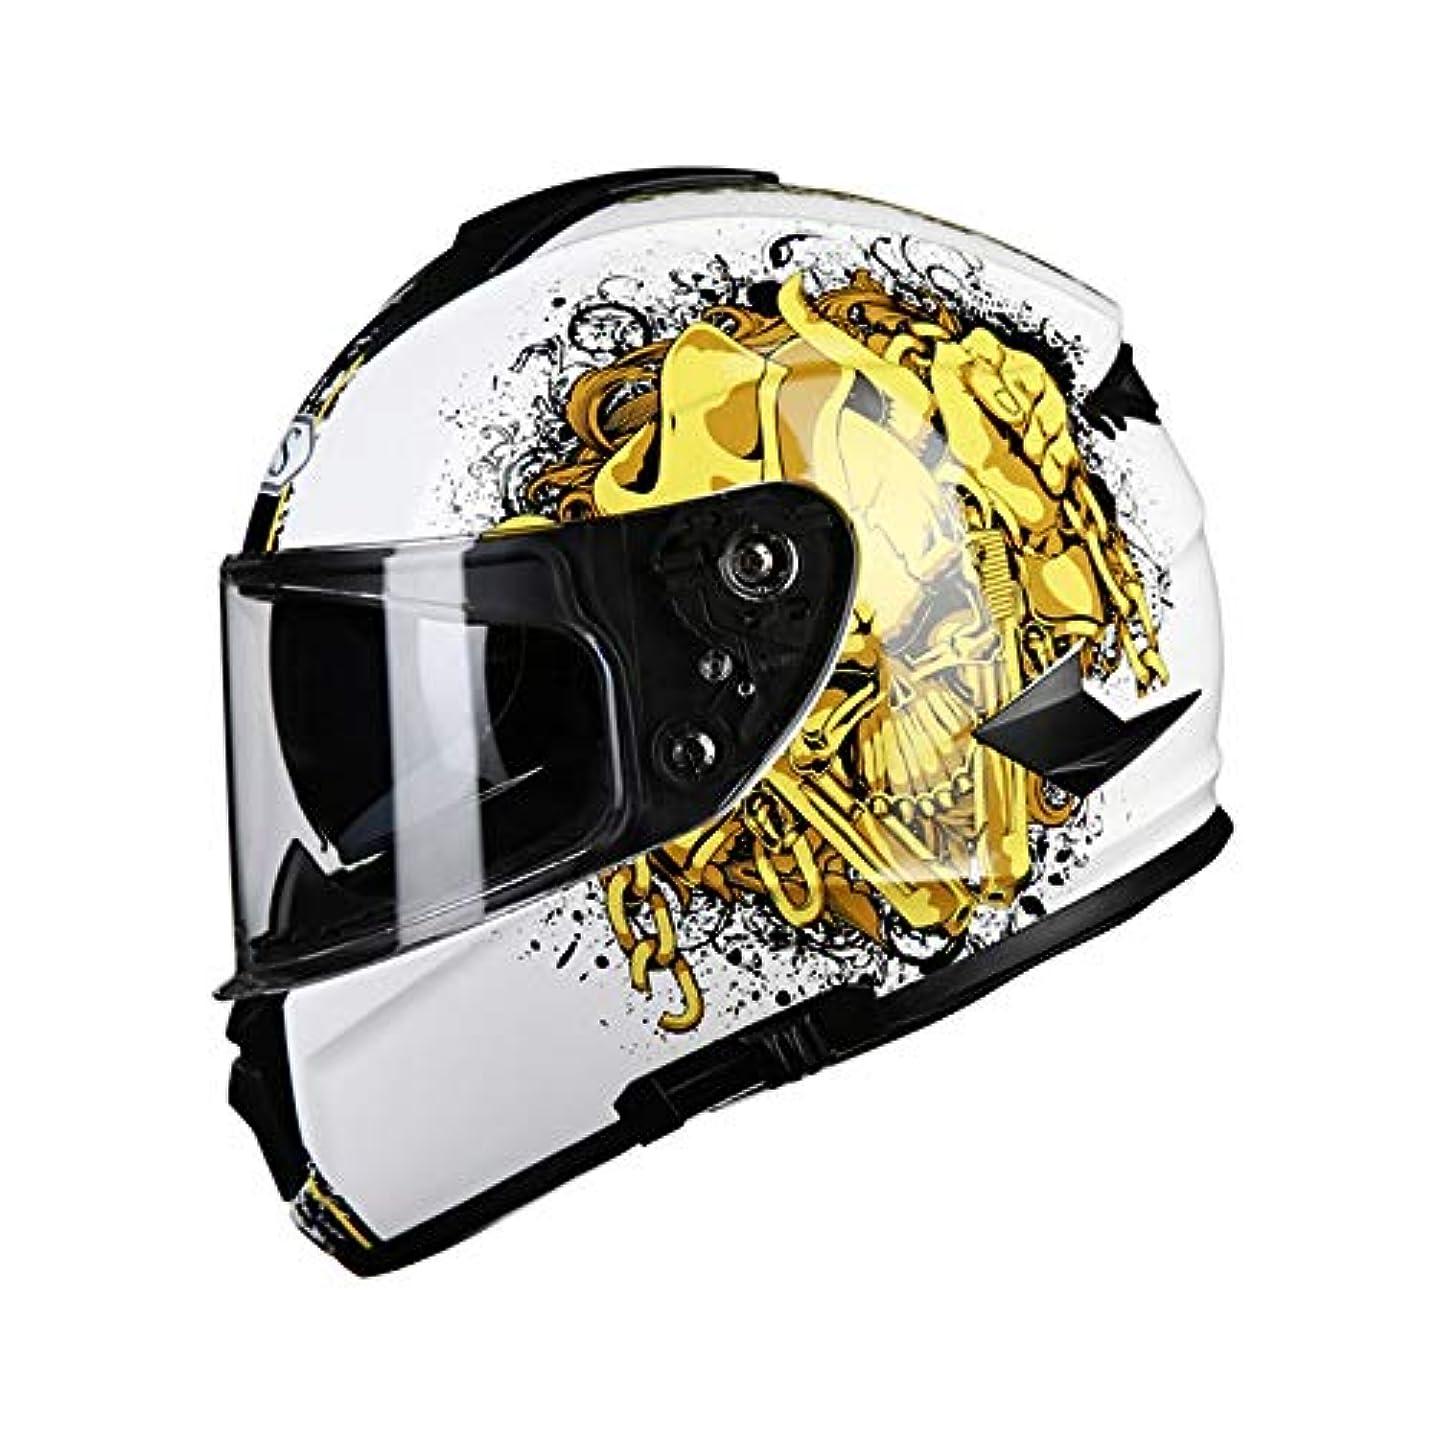 変成器代表基本的なHYH Absホワイトオートバイヘルメット男性フルカバー四季機関車電気自動車フルフェイスヘルメット防曇ダブルレンズゴールドスカルパターン いい人生 (Size : L)